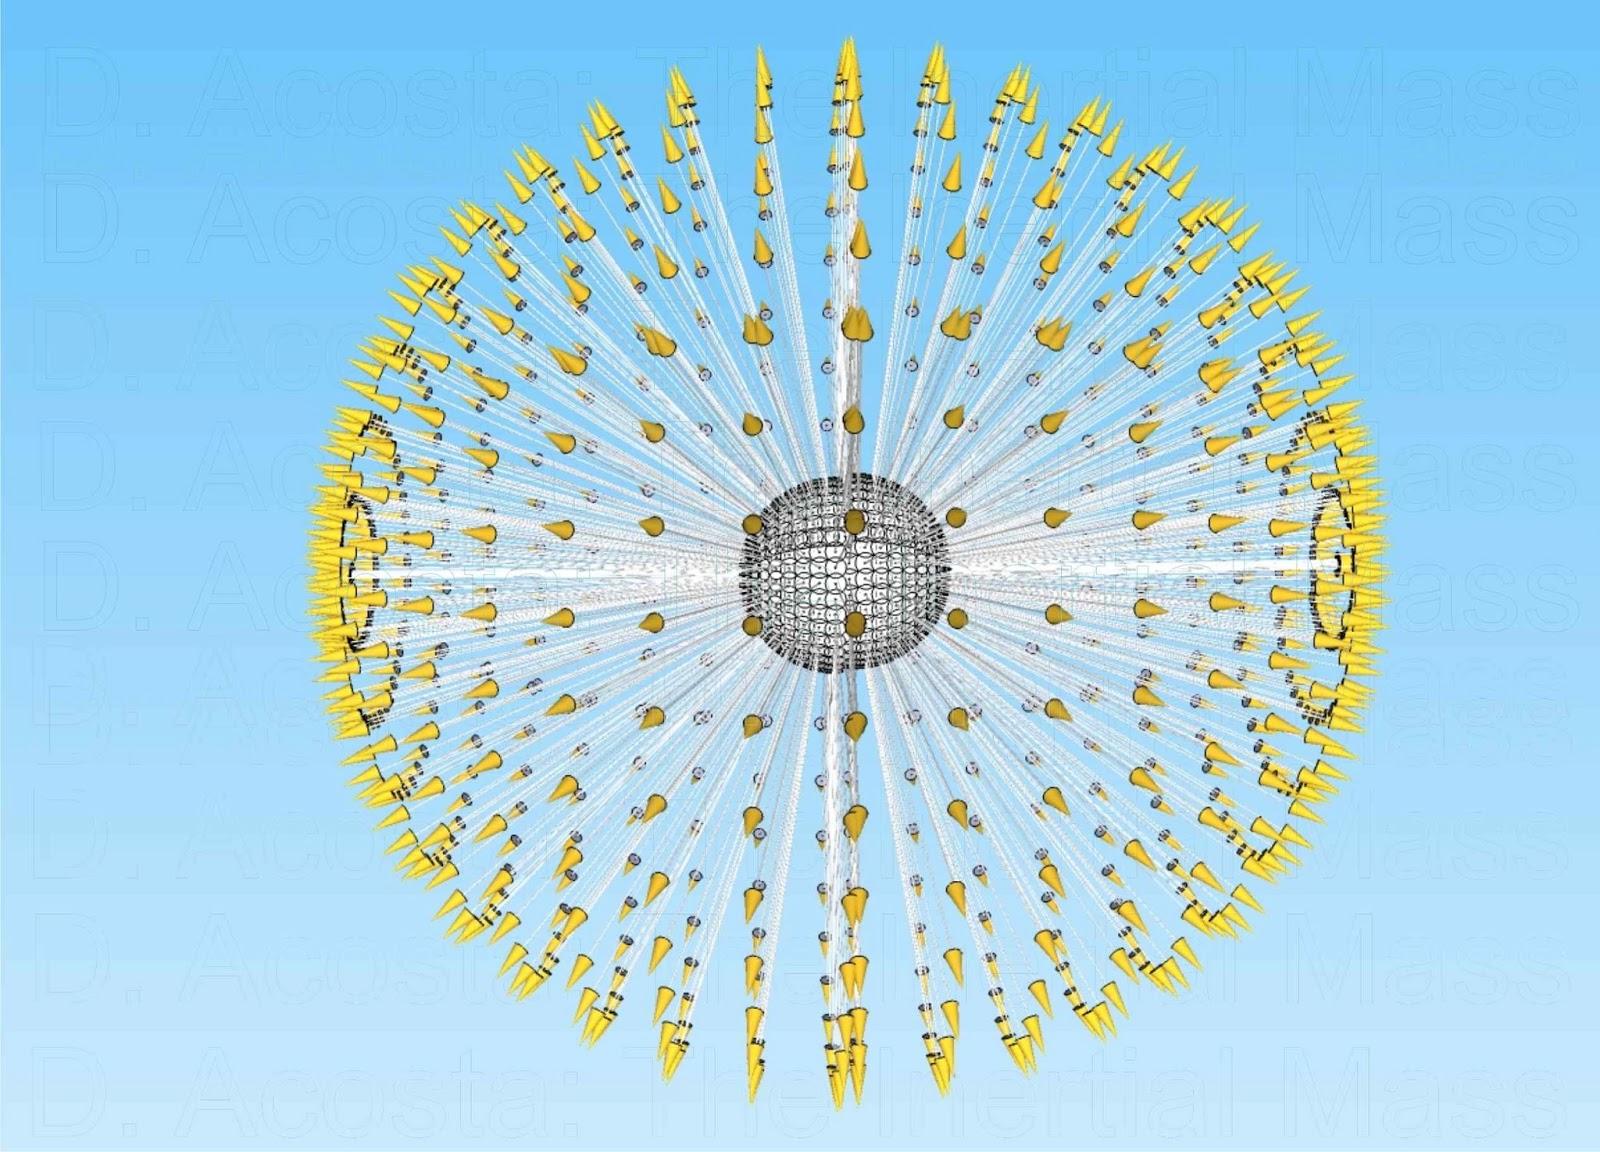 Imagen del sistema omnidireccional de impulsos correspondiente a la masa en reposo. Se trata de un sistema de forzones unido por sus superficies de tiempo para formar una esfera. Cada forzón está compuesto de una superficie qu equvale al tiempo del que parte un vector.